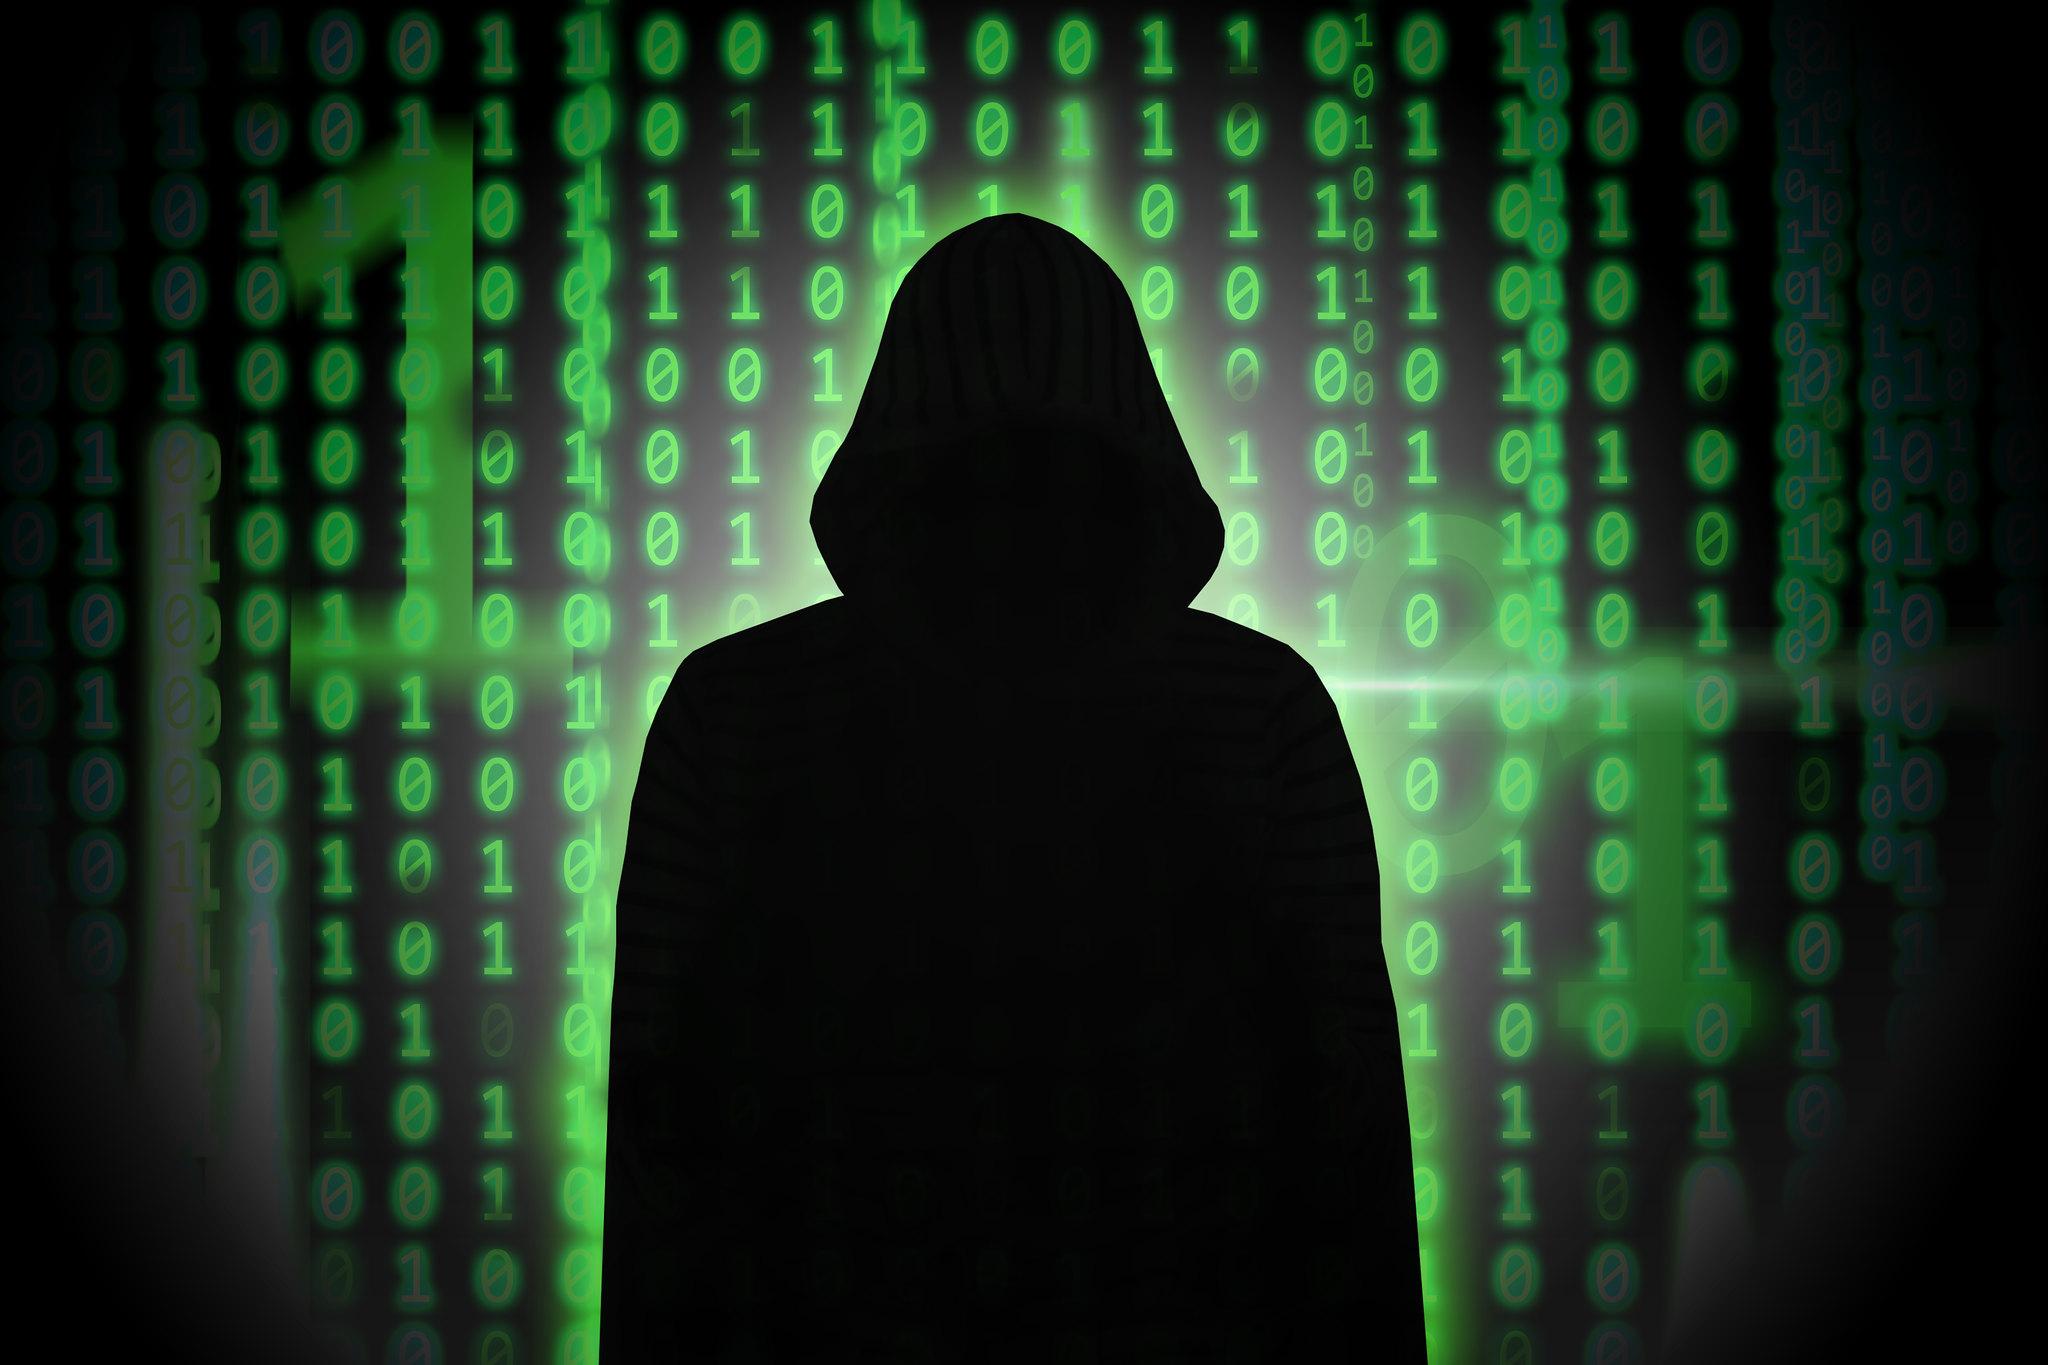 SurfingAttack: hackear asistentes de voz con ultrasonidos